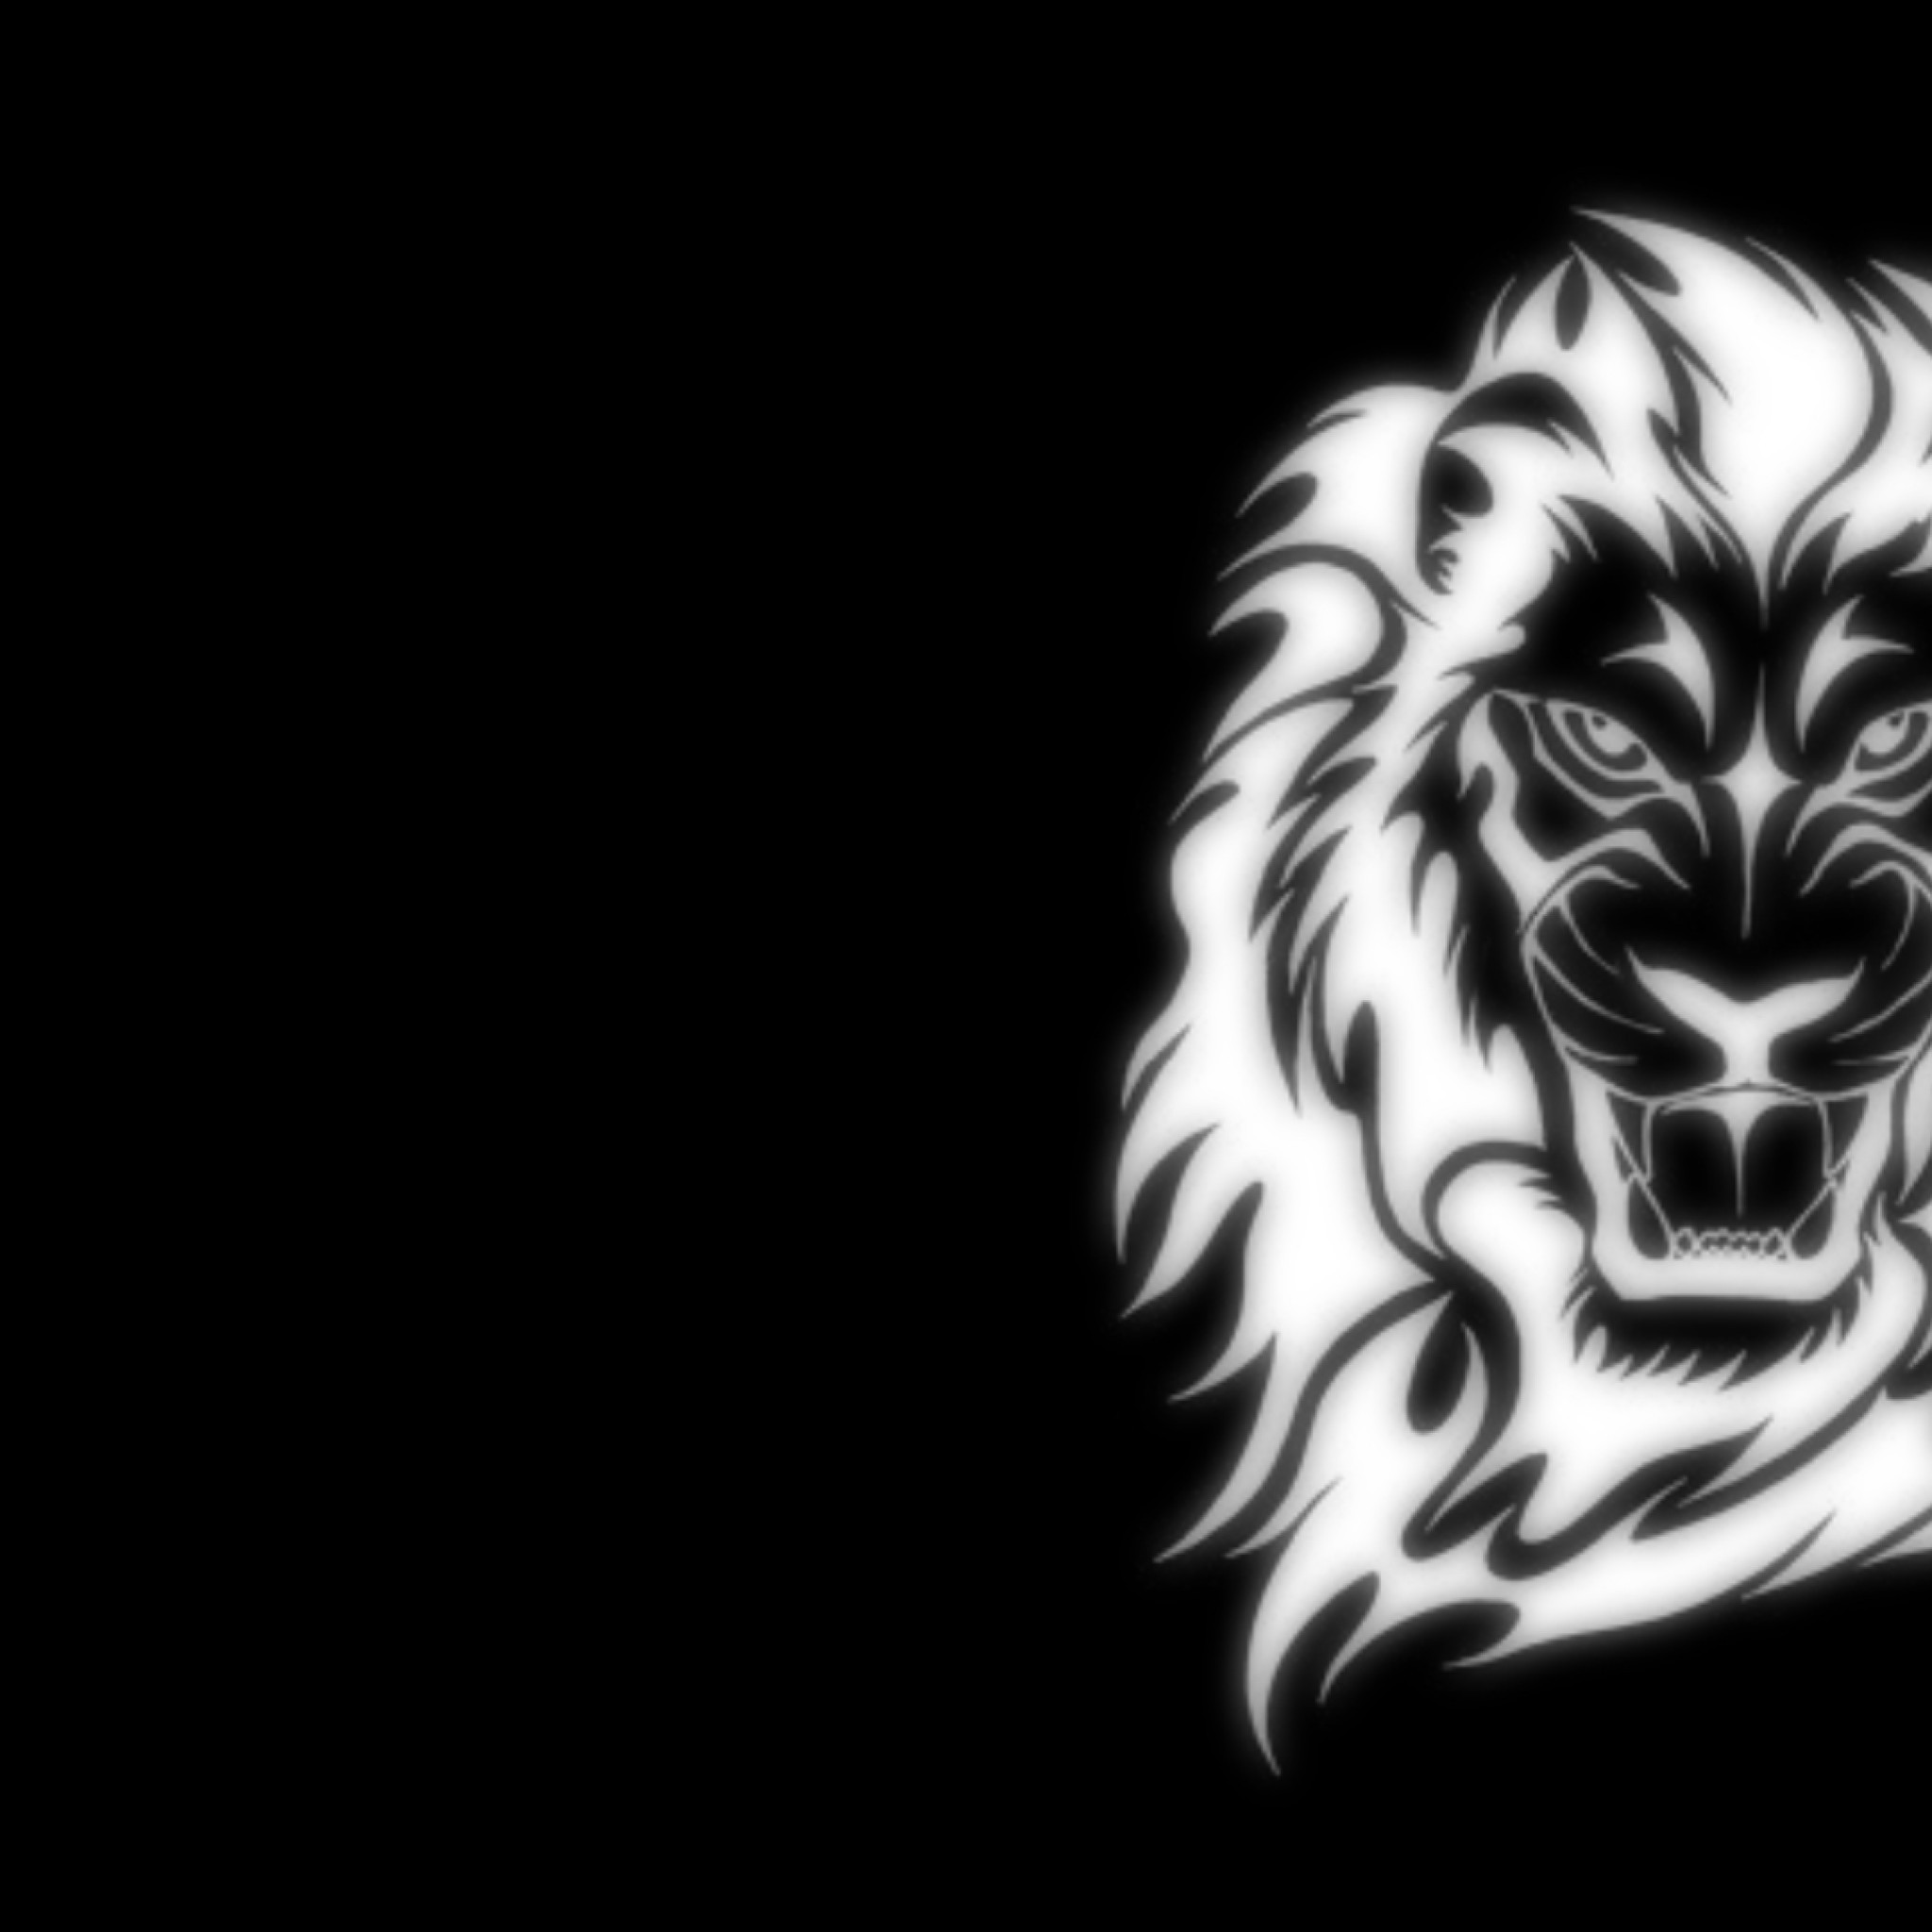 lion wallpaper hd download